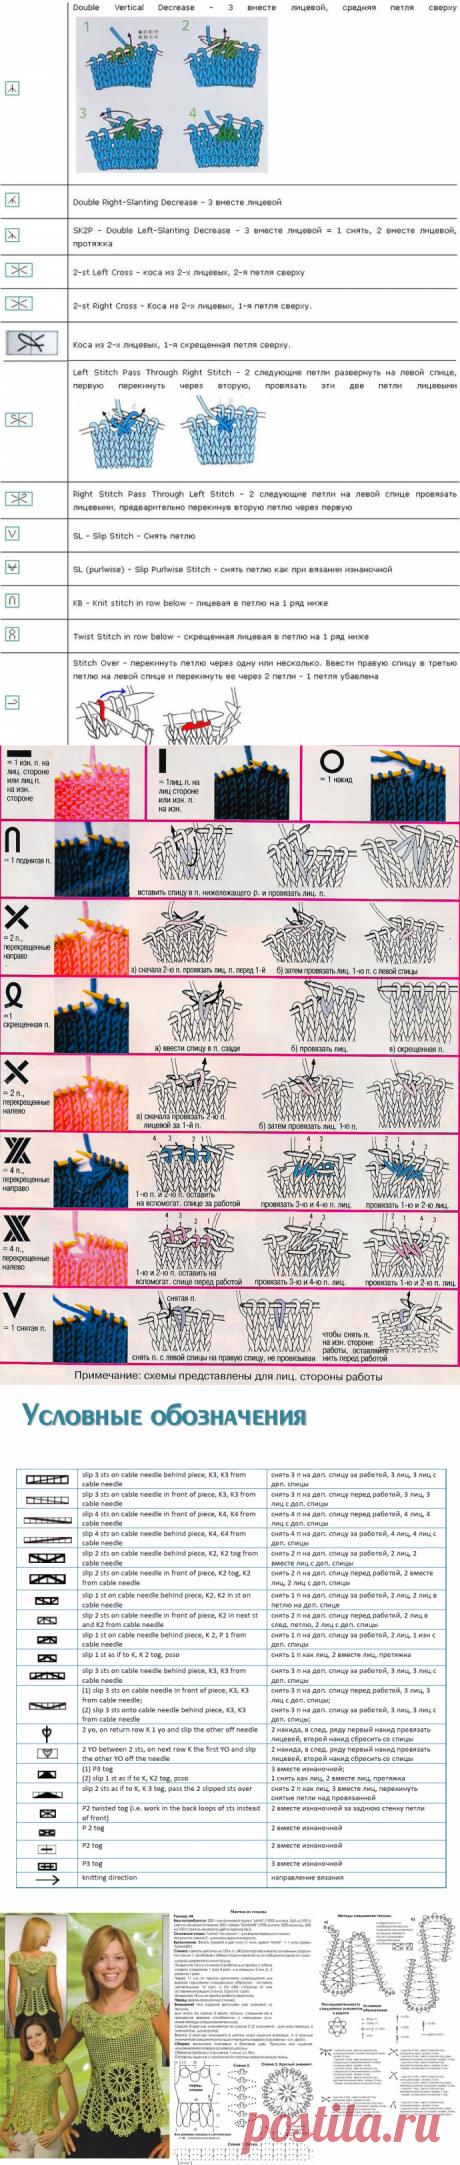 Условные обозначения для спиц — Сделай сам, идеи для творчества - DIY Ideas